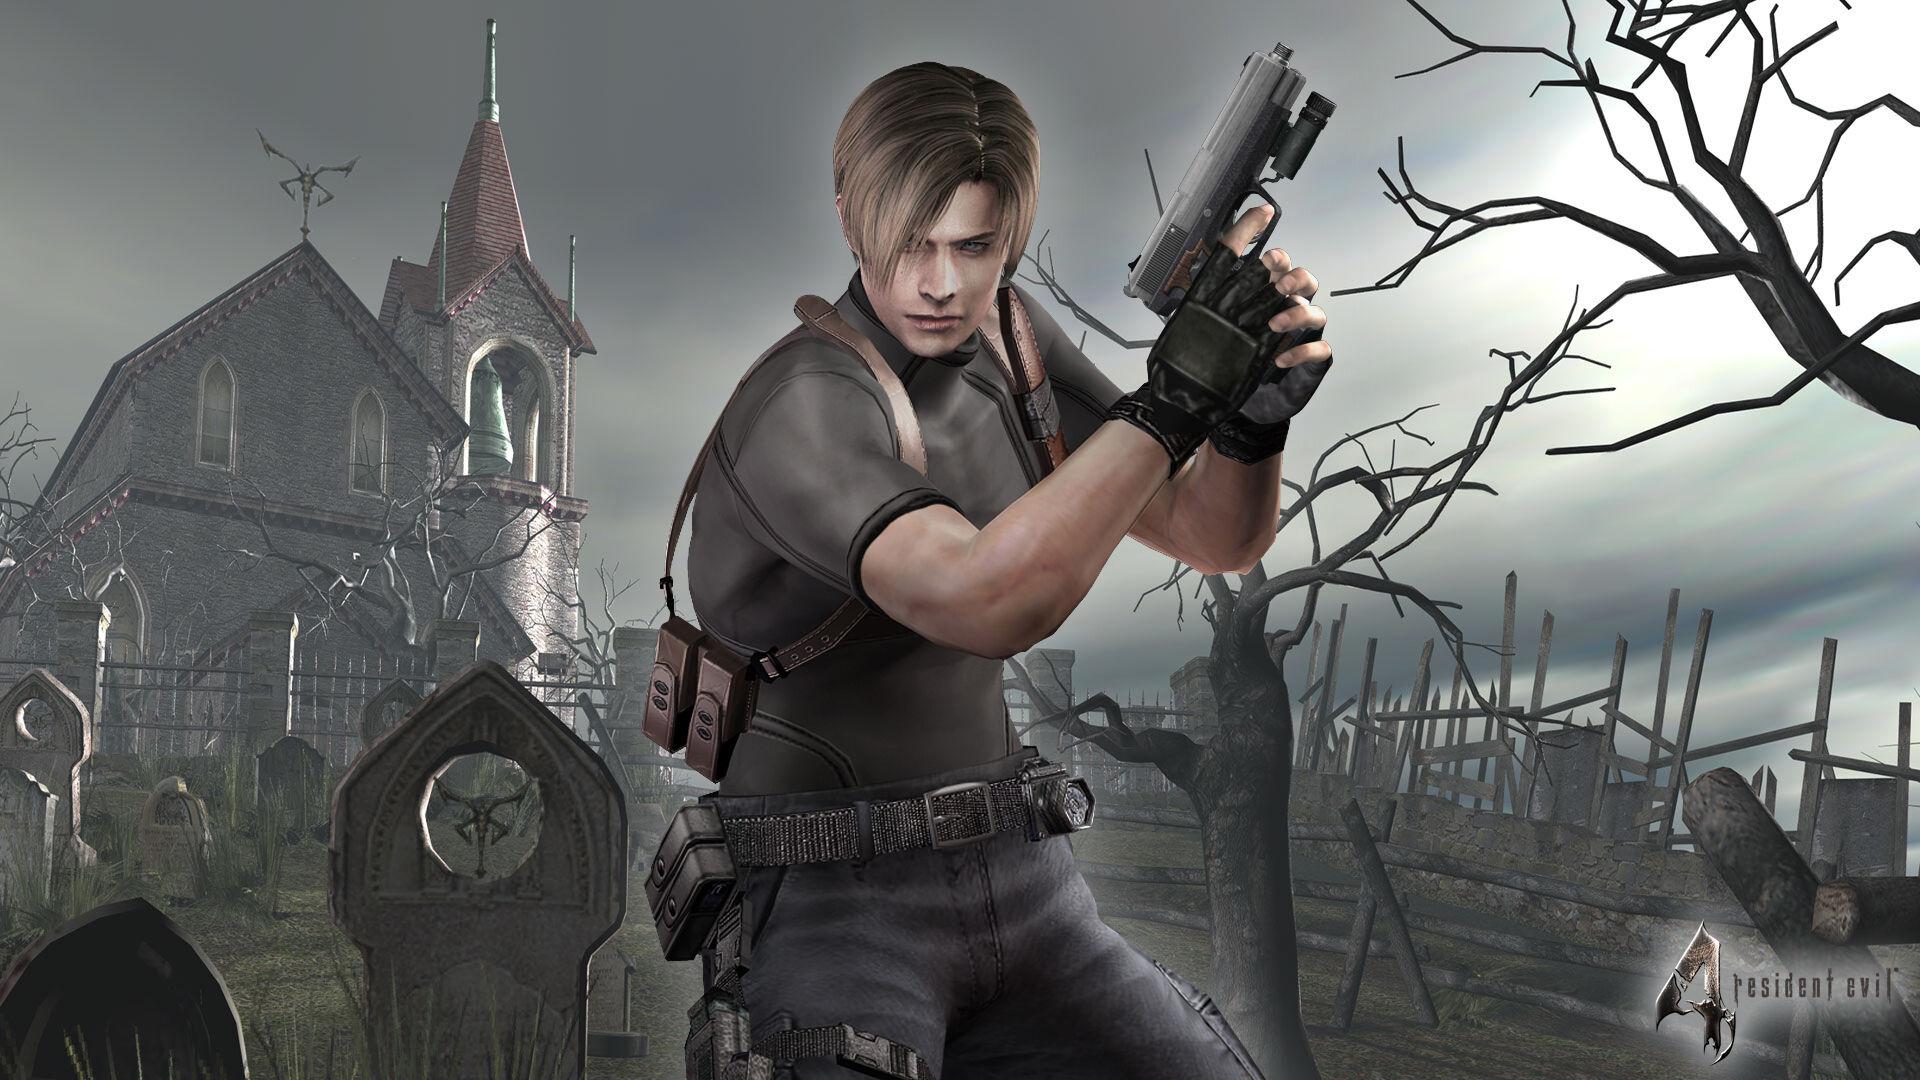 Resident_Evil_4_Biohazard_4_Artwork_6